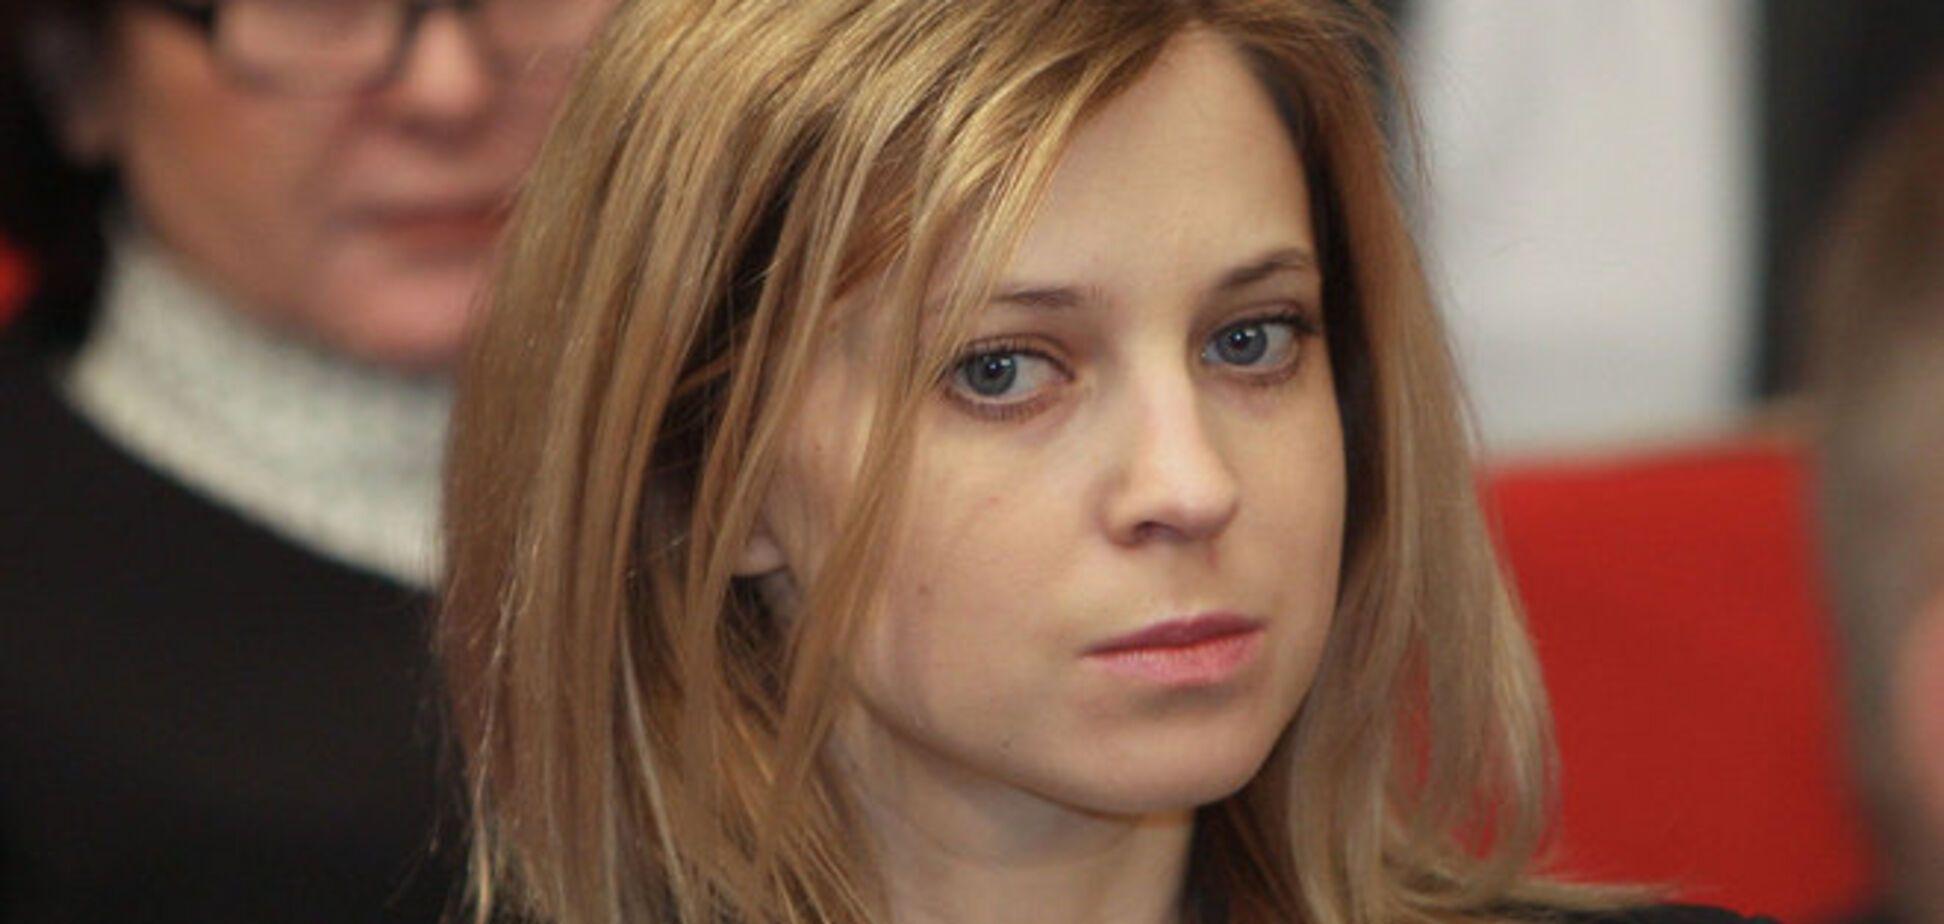 'Прокурор-няша' грозит судом тем, кто не признал аннексию Крыма РФ